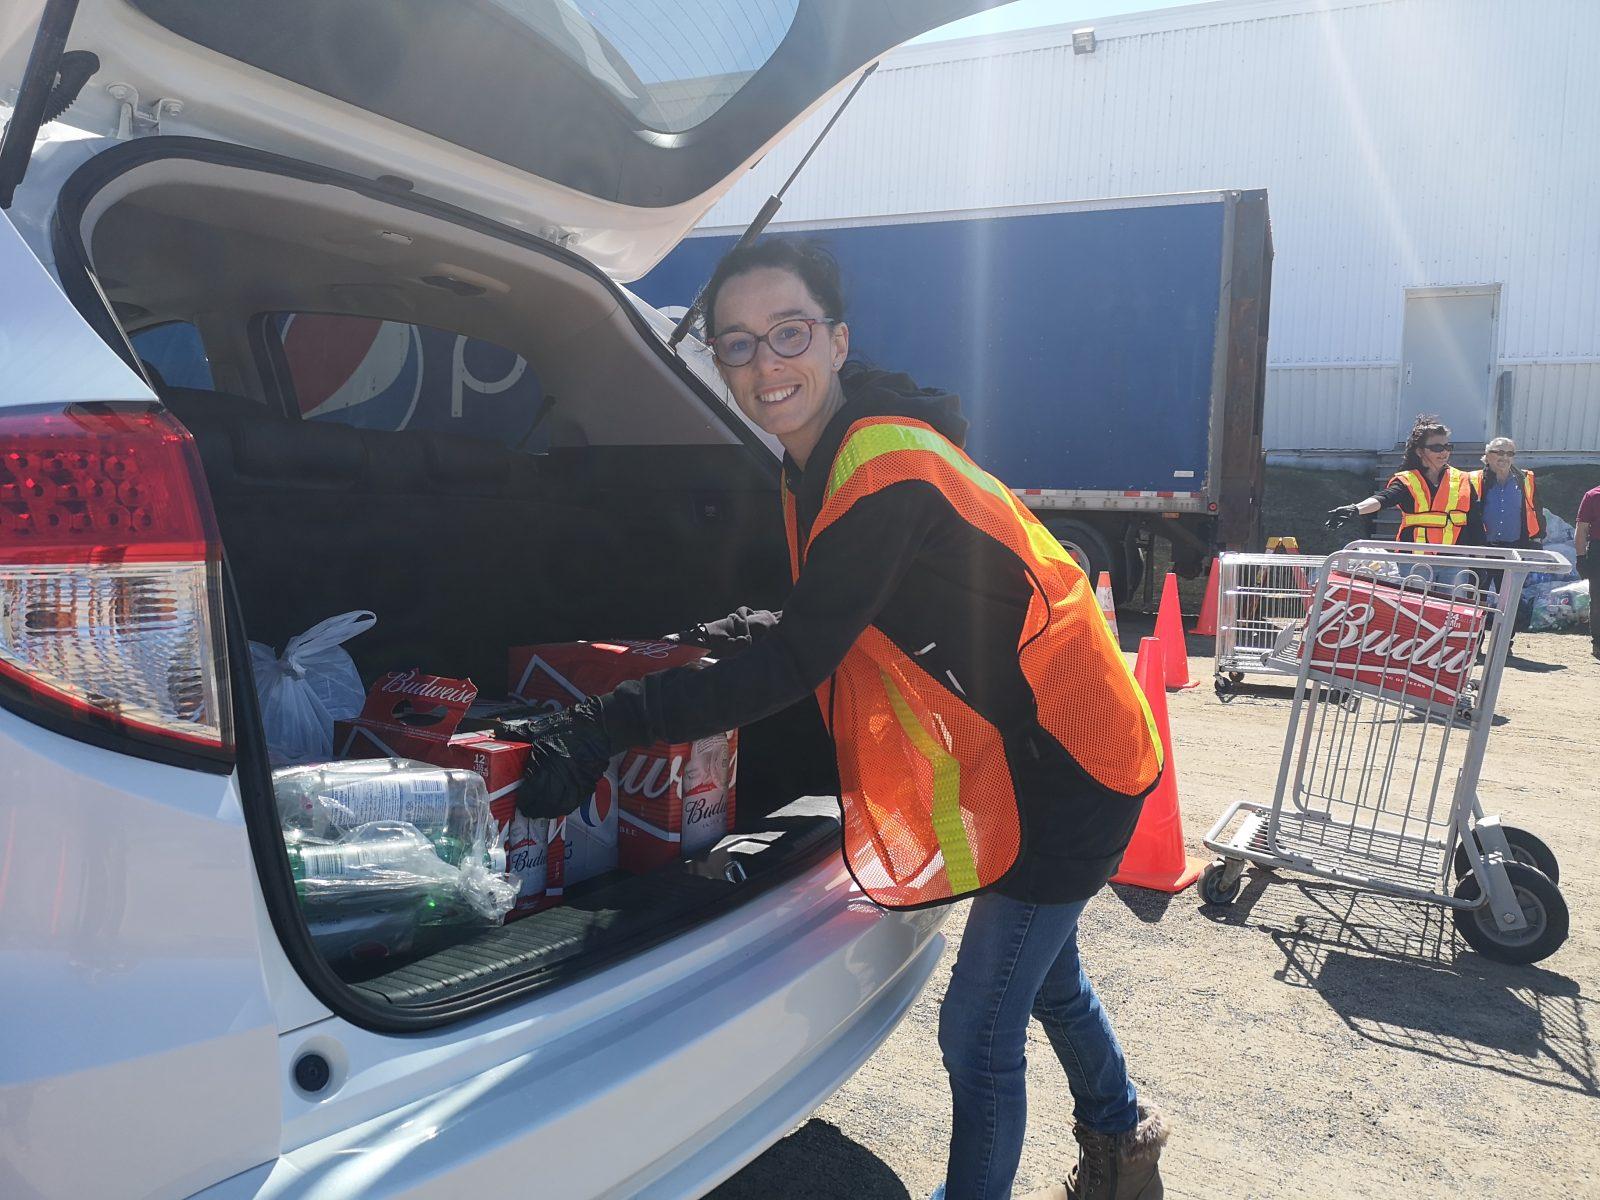 9 000 $ ont été récoltés grâce aux collectes de bouteilles à Clermont